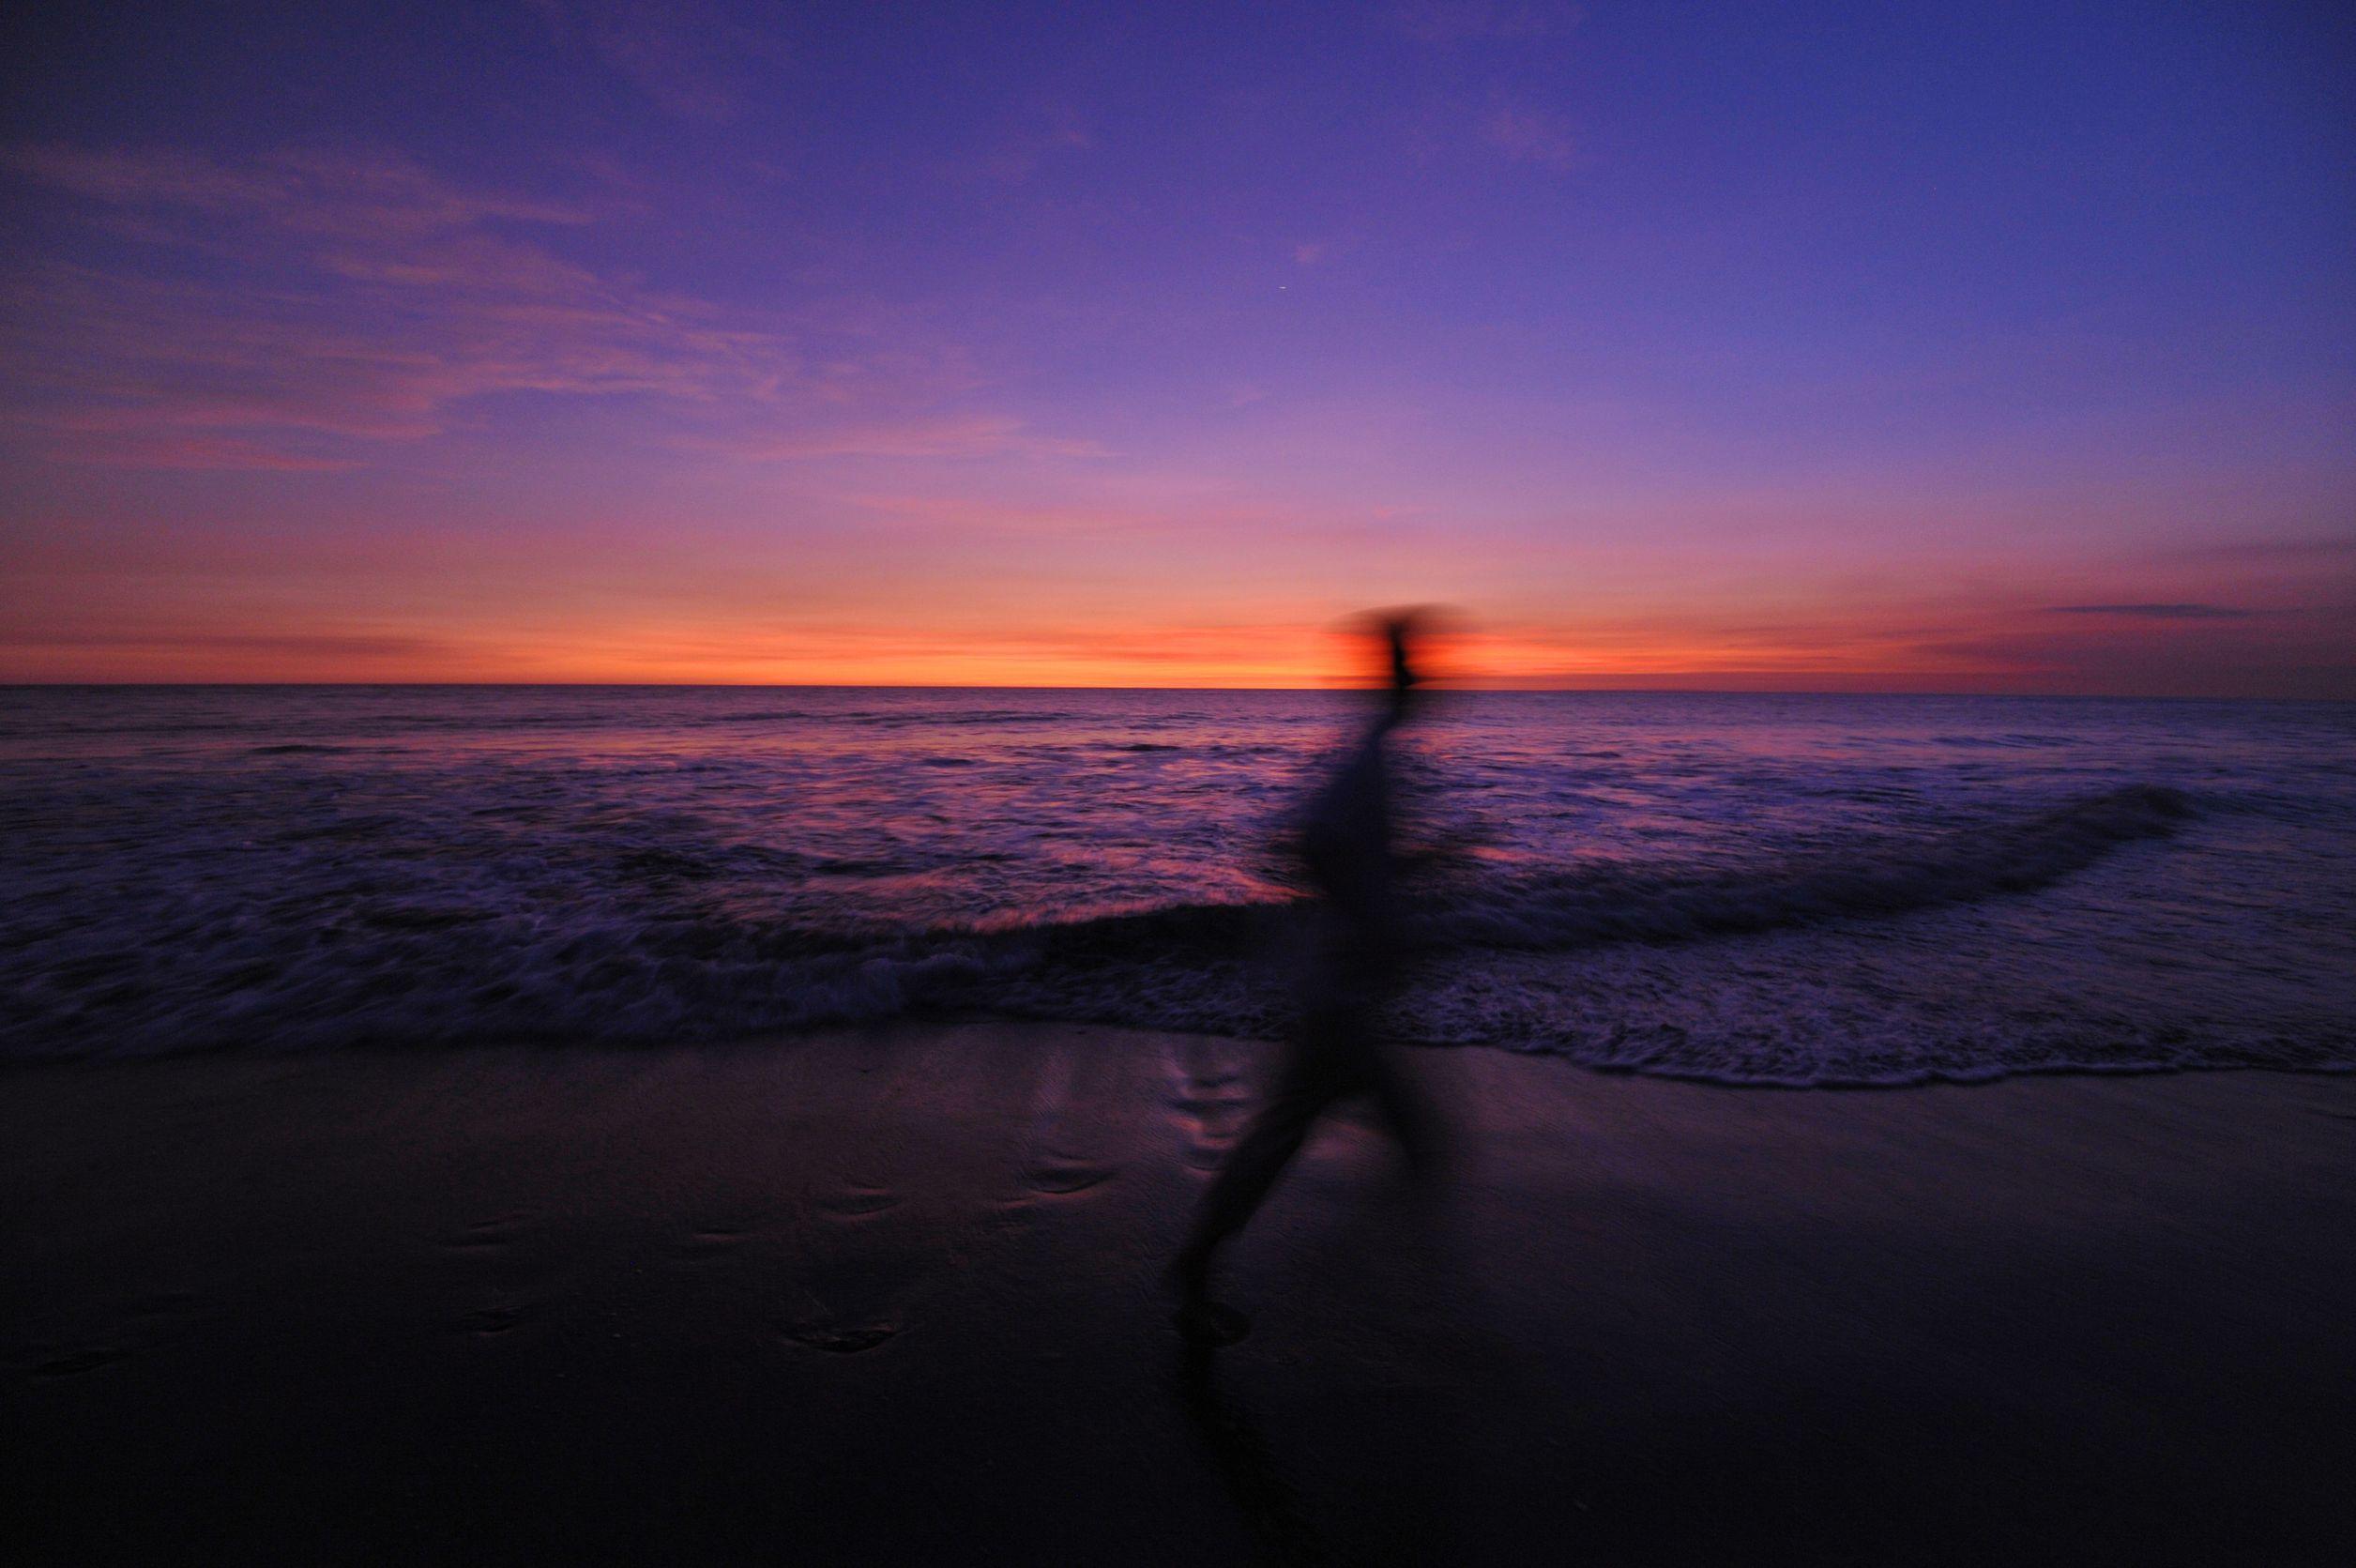 beach running silhouette